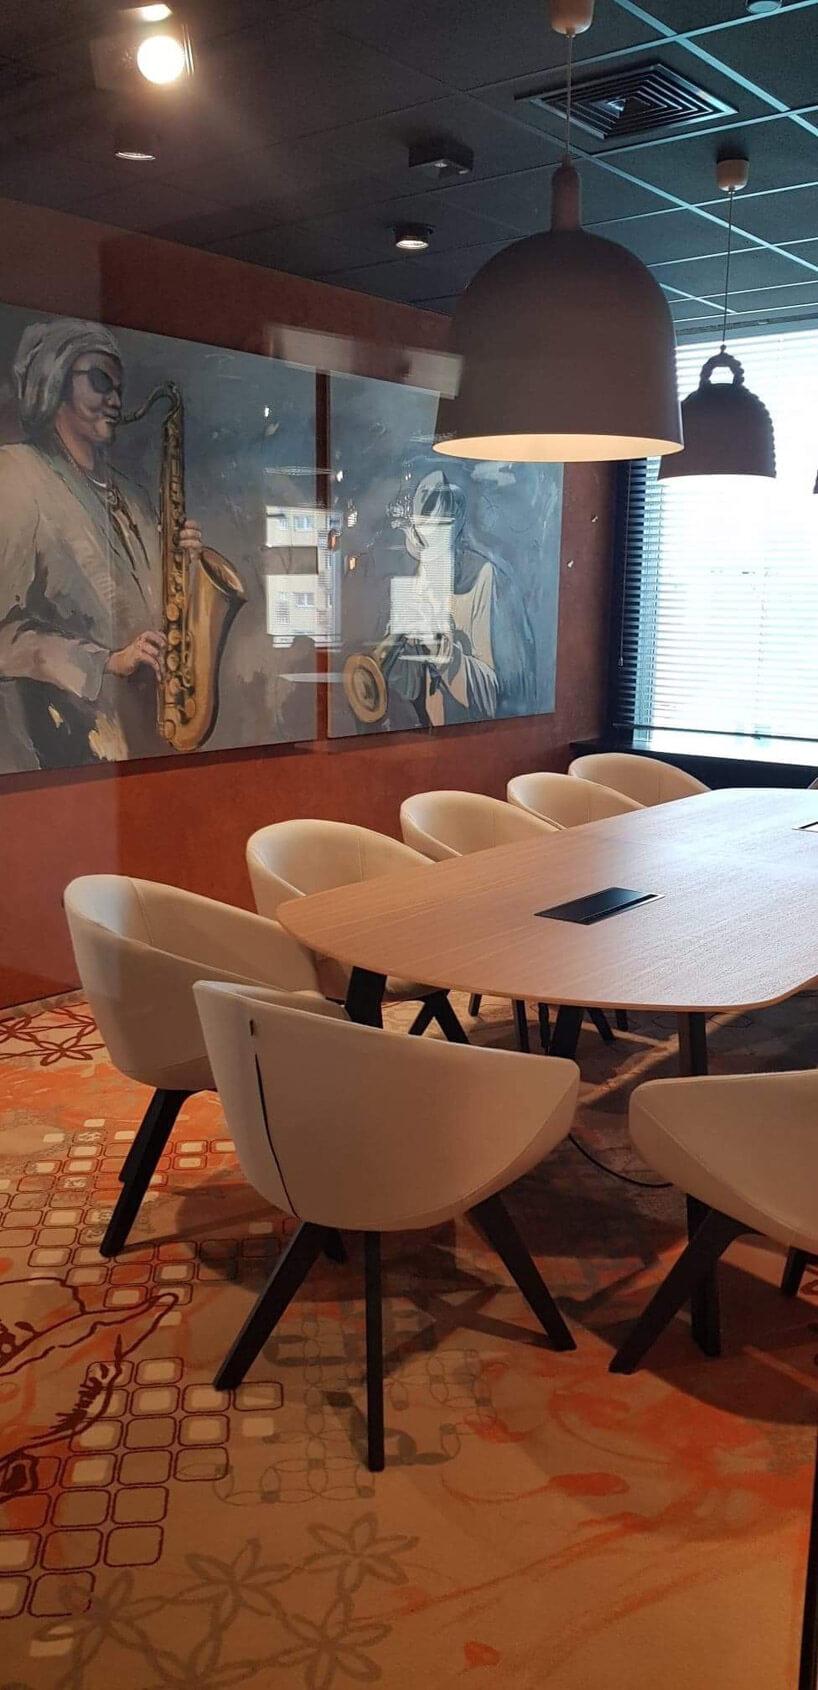 beżowe fotele na ciemnych nogach przy dużym stole wsali zobrazem